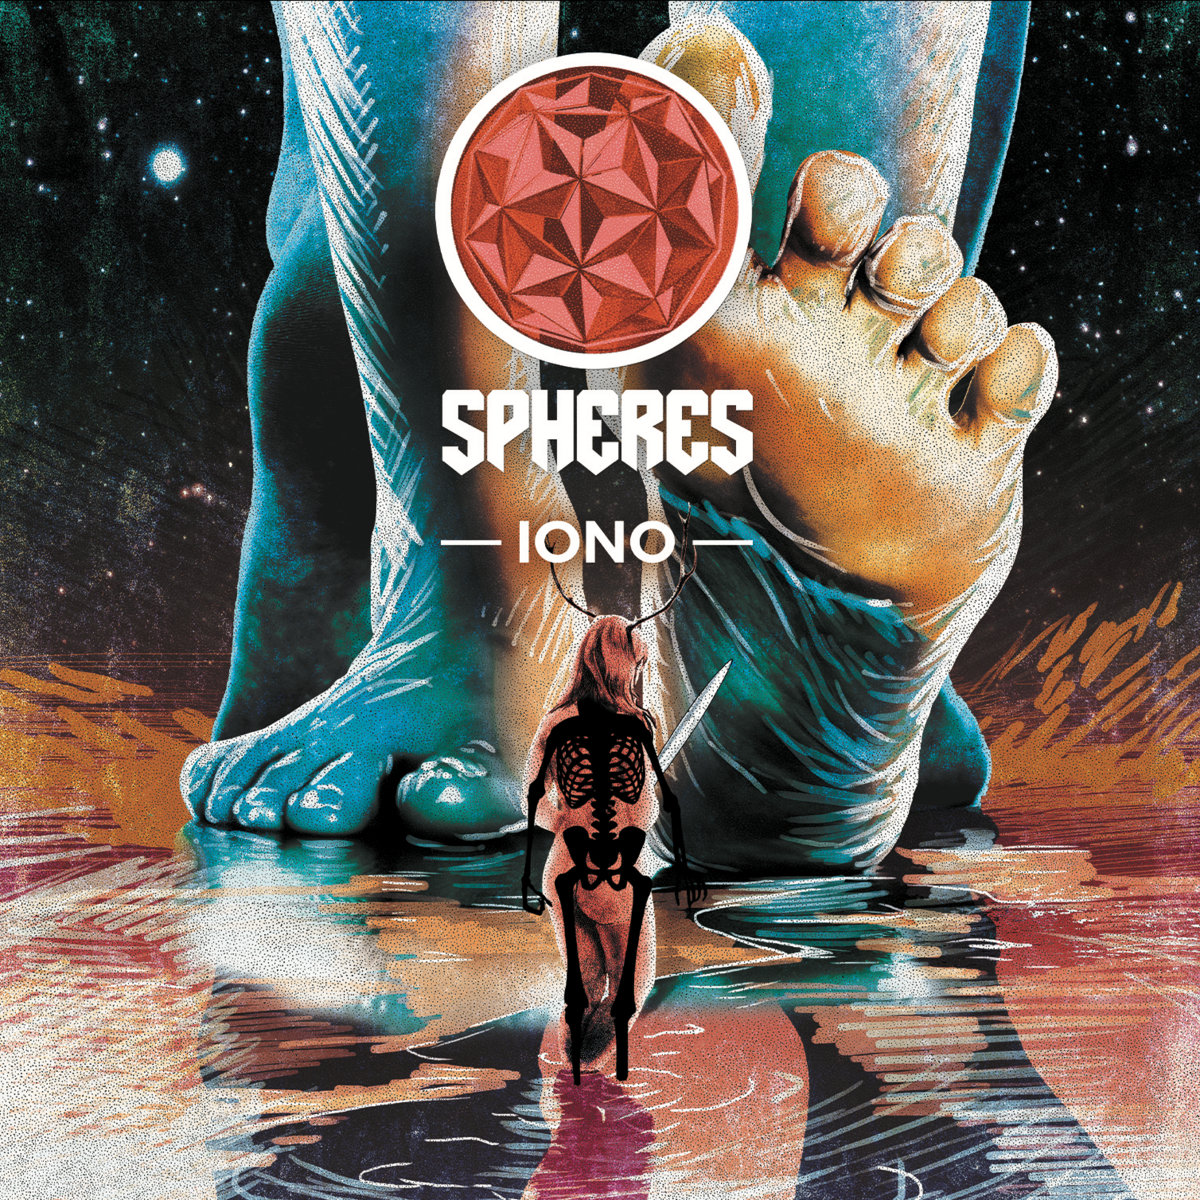 Spheres: Iono